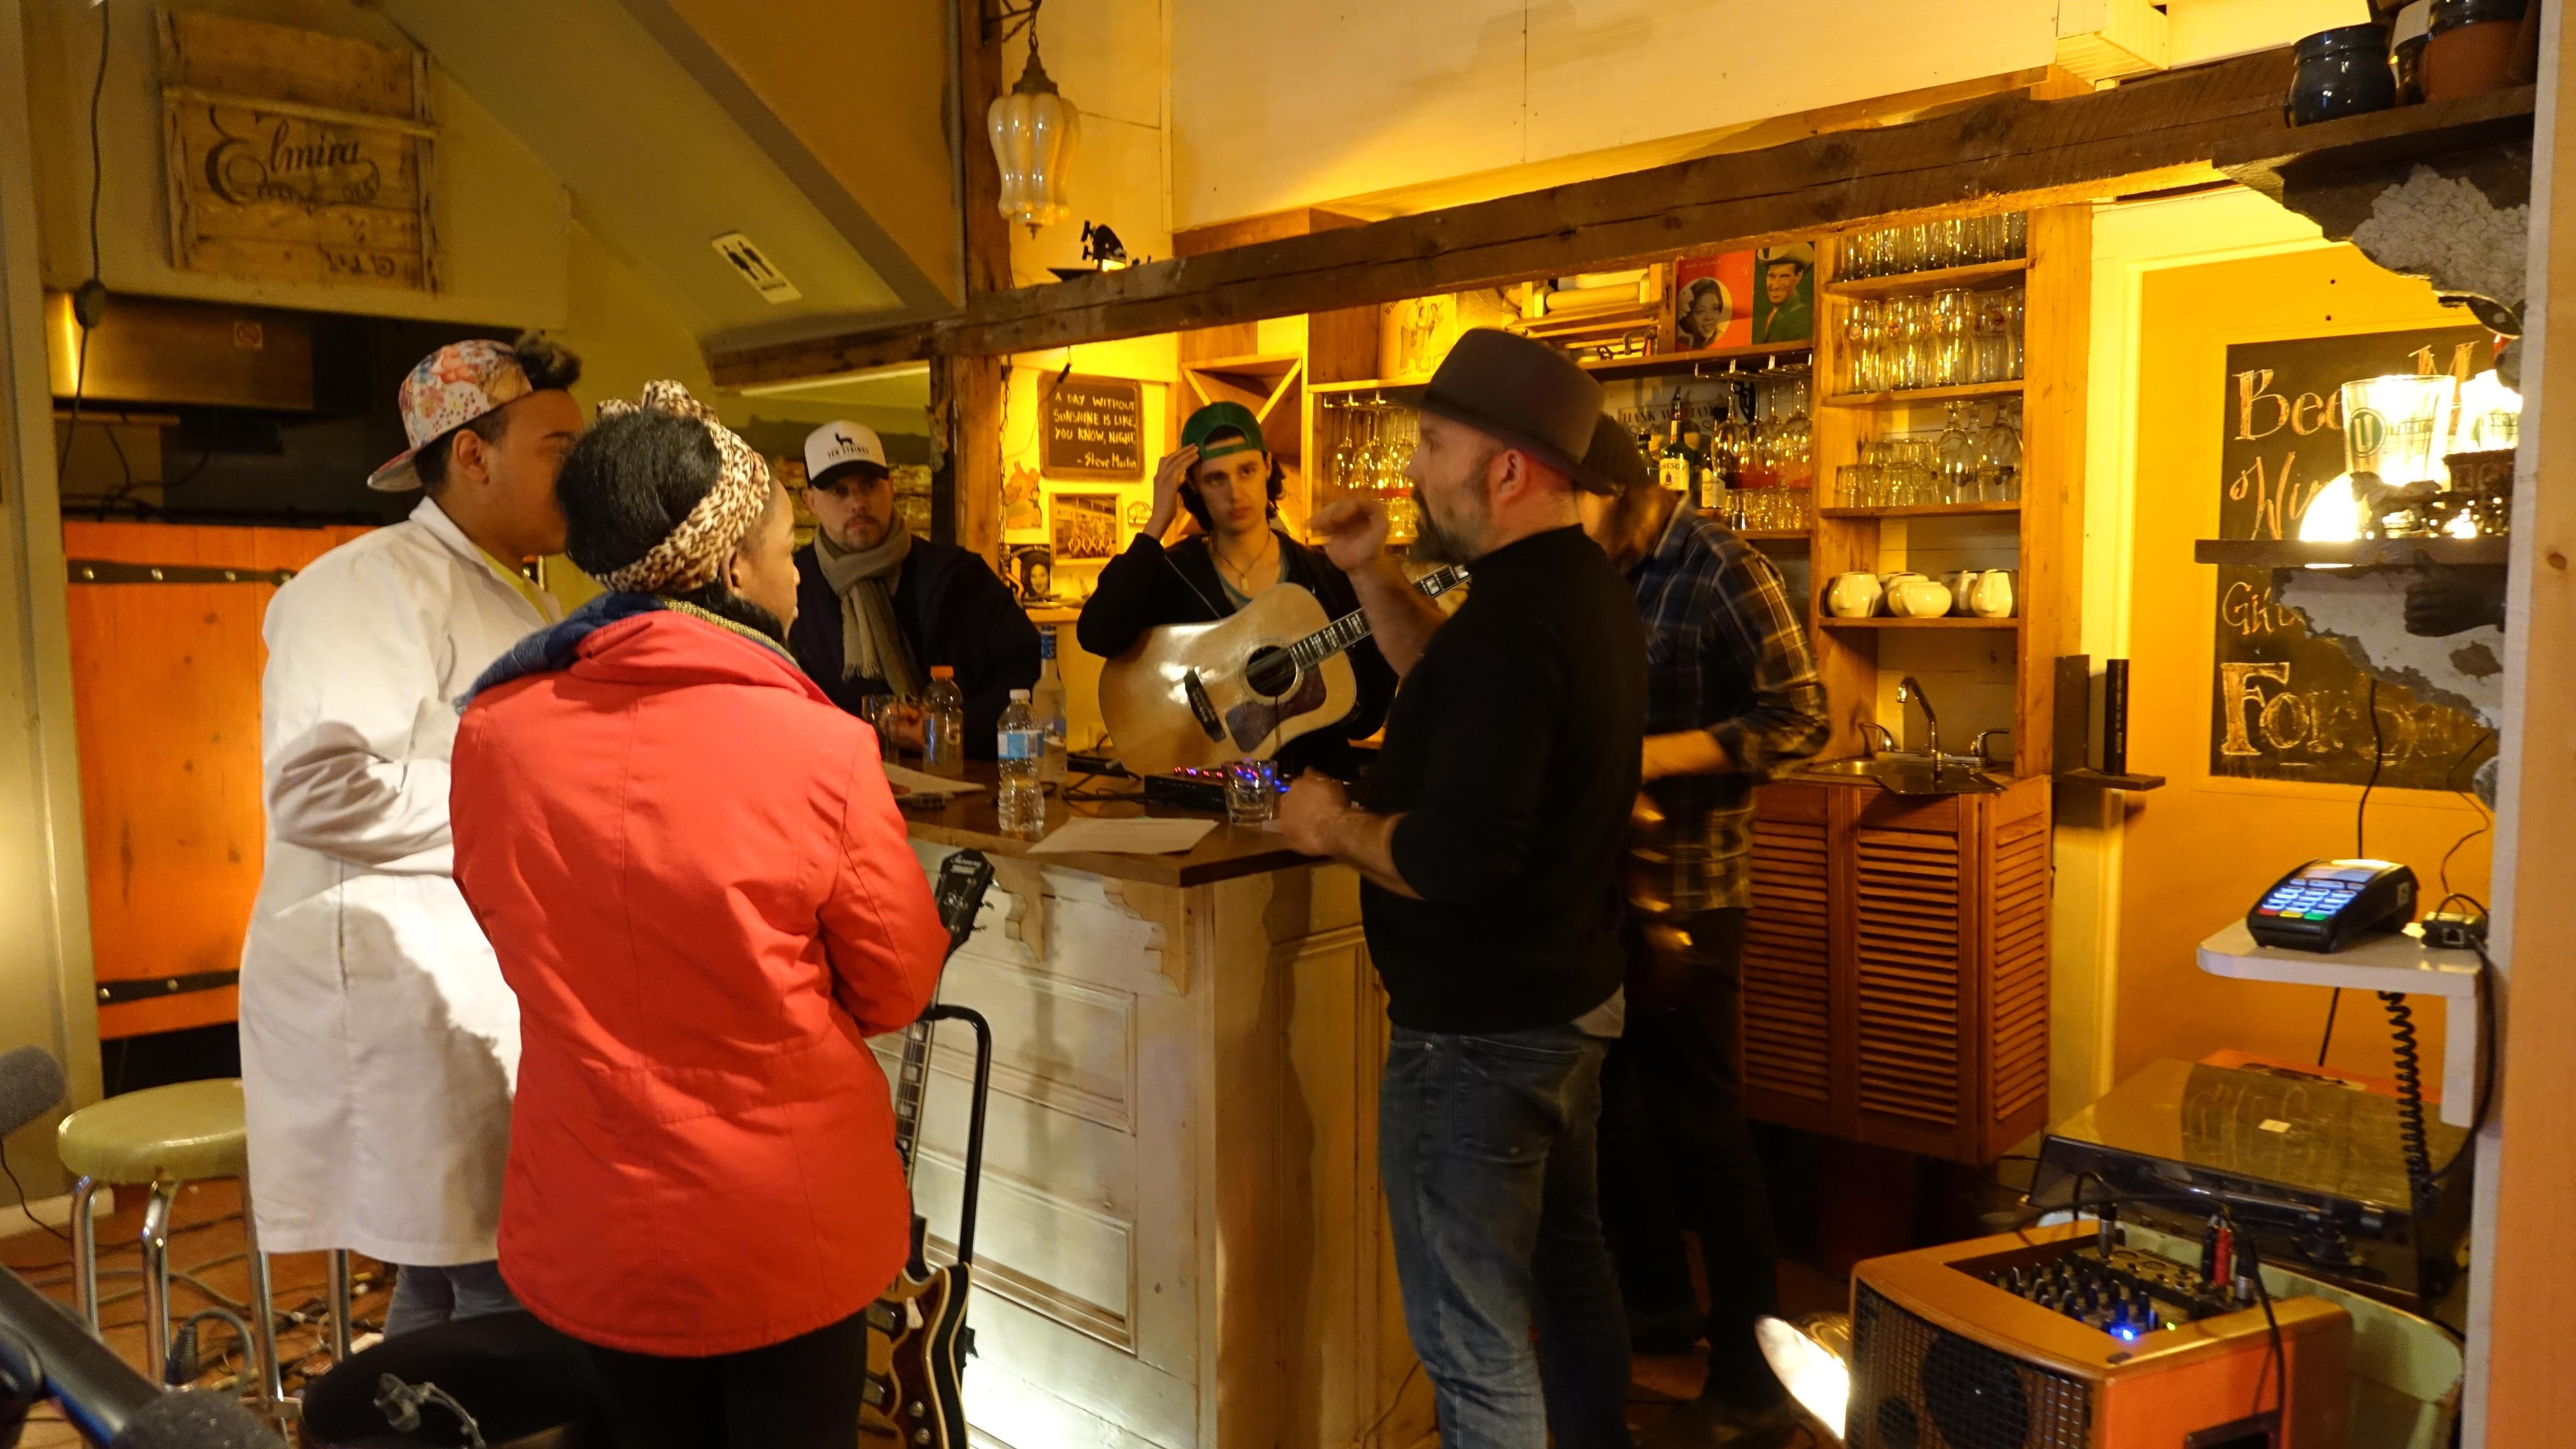 Répétition au Trailside Café près de Charlottetown à l'Île-du-Prince-Édouard avec le groupe originaire de l'Île, Ten Strings and a Goat Skin qui accueillait Kelly Bado du Manitoba et Sympa César de l'Alberta.